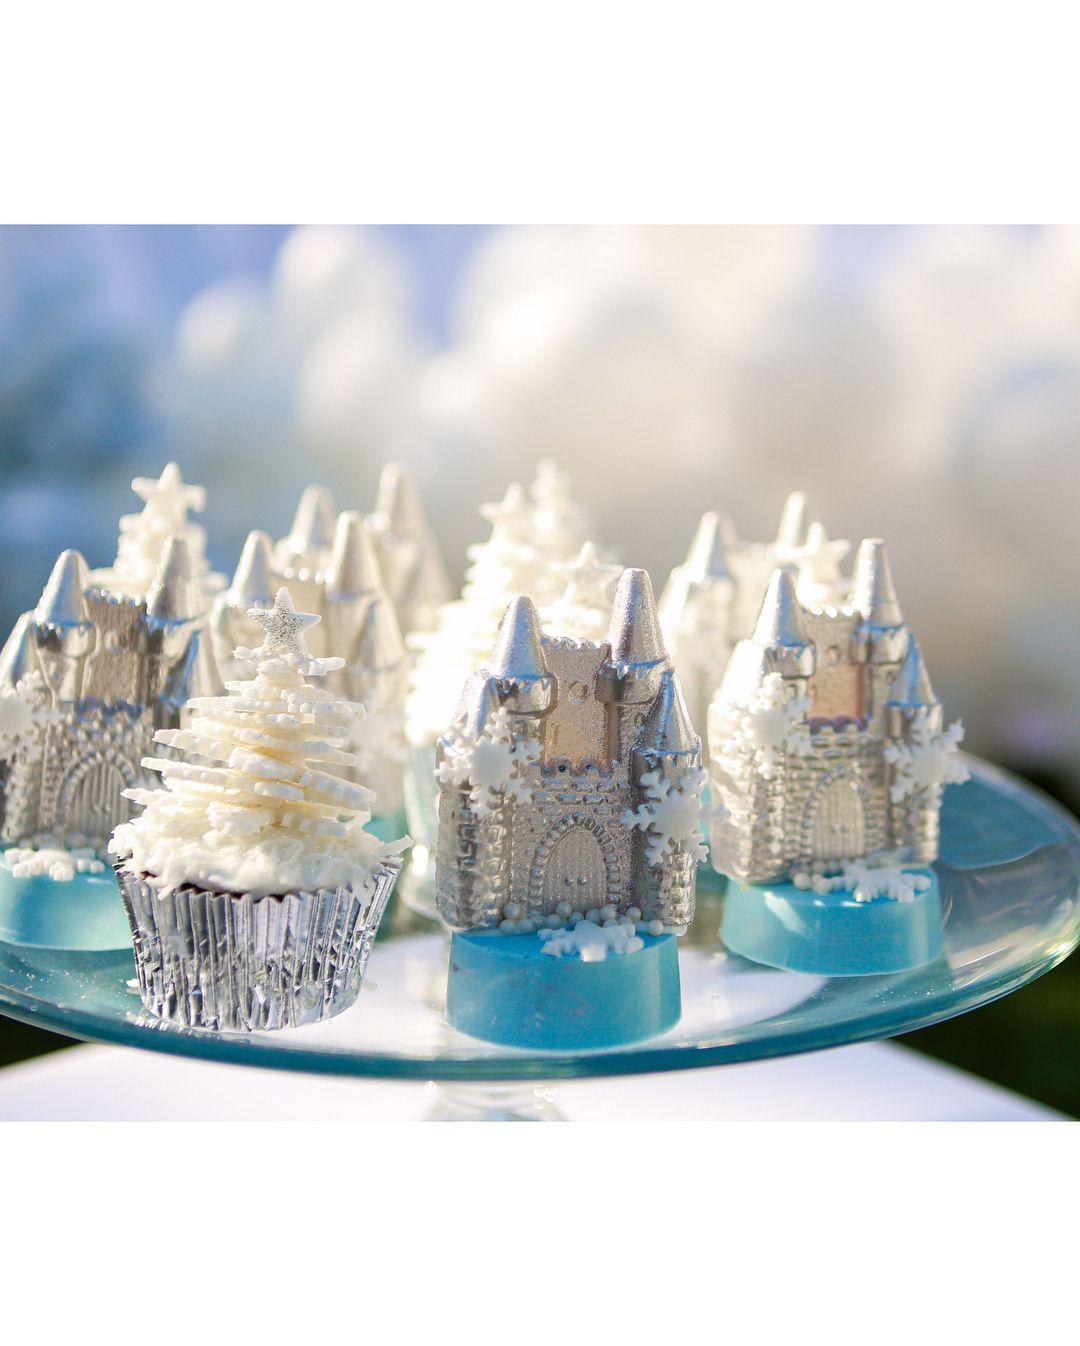 Frozen cake design images    A Snowy Frozen Winter Wonderland   Sweet Ella turns